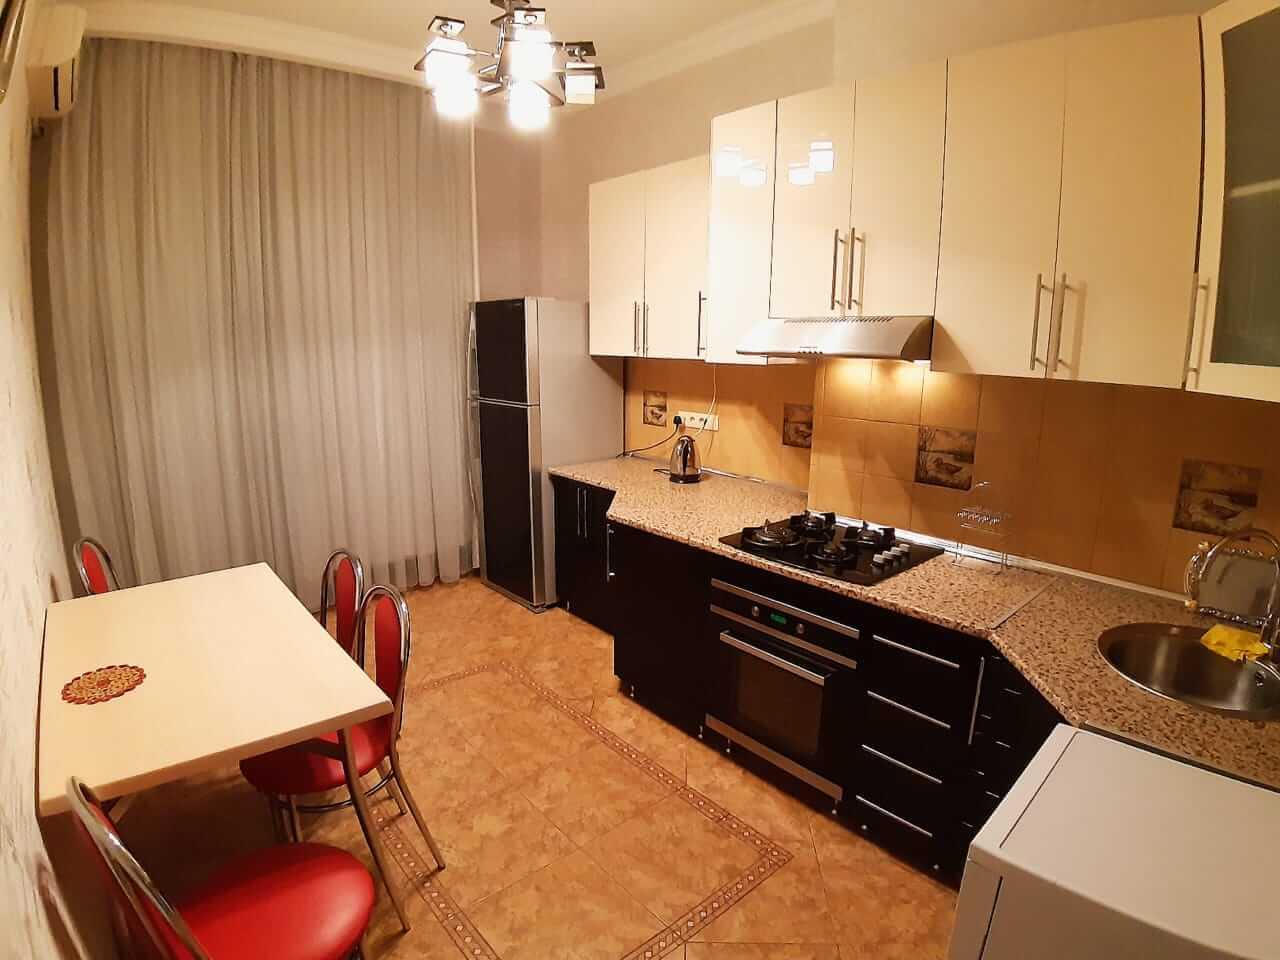 آشپزخانه آپارتمان شماره 1